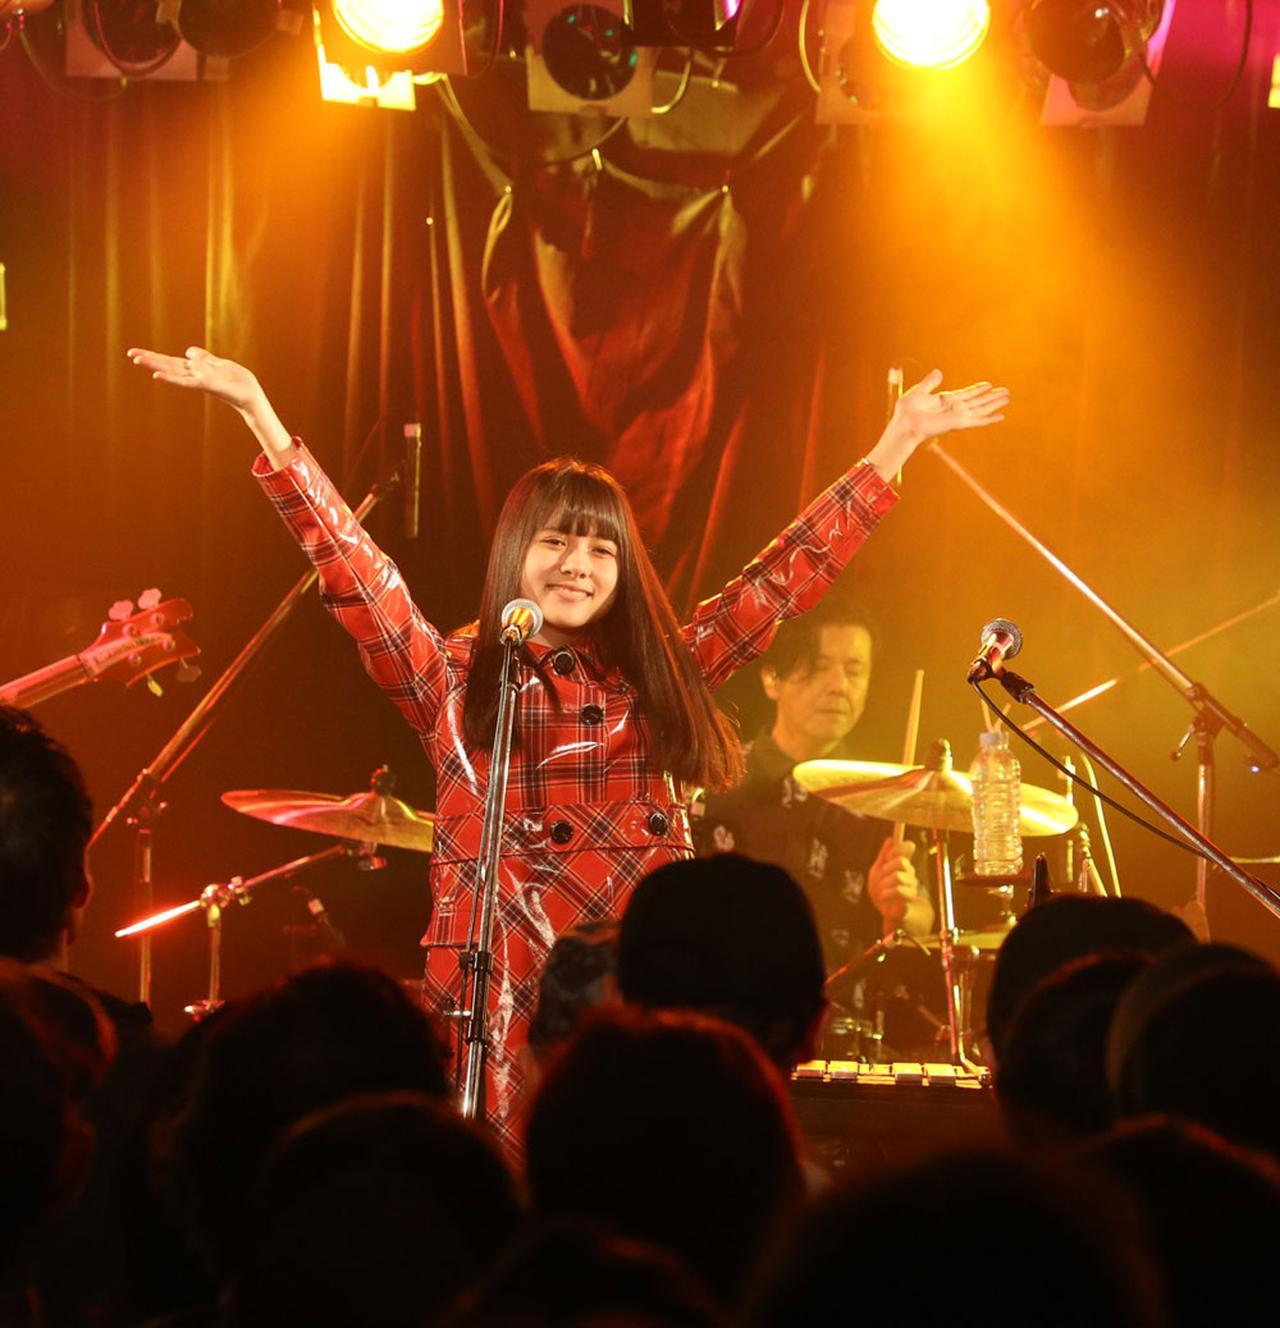 Images : 4番目の画像 - 「秋になってもその一挙一動を見逃すことはできない! 「SOLEIL(ソレイユ)」が待望のマンスリーライブを、キュート&ドリーミーにスタート」のアルバム - Stereo Sound ONLINE